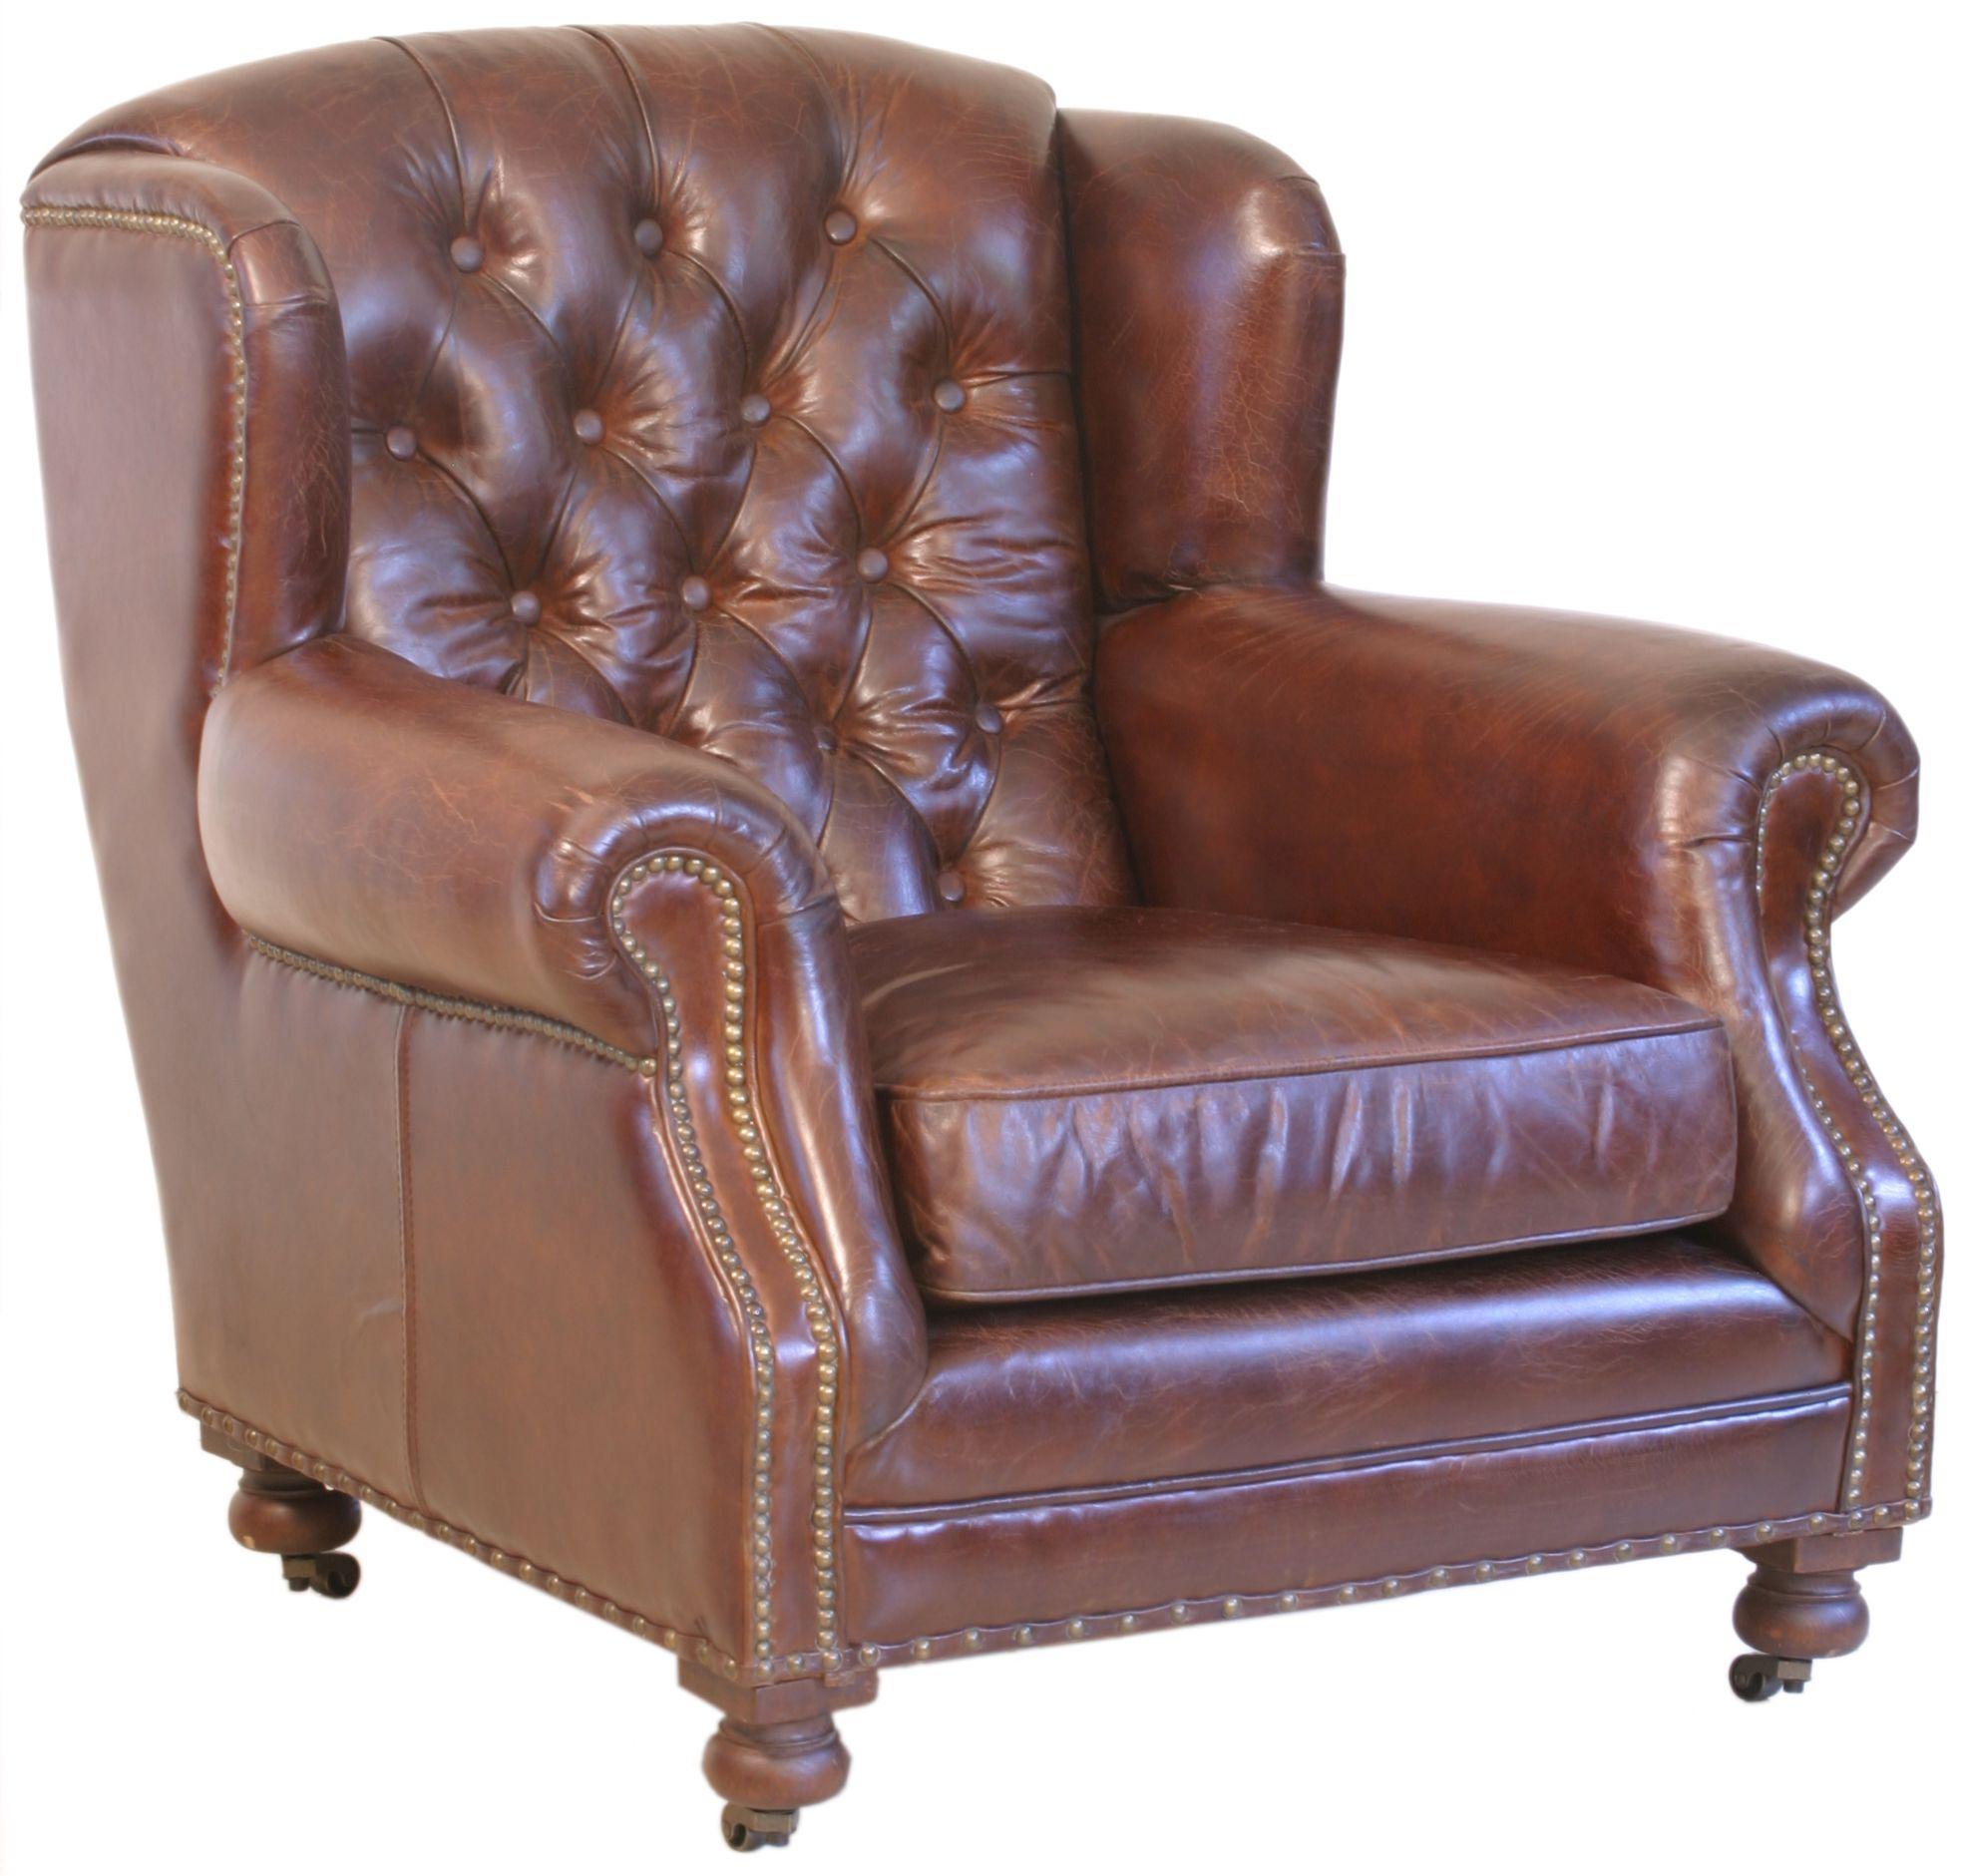 wwwtopolanskycoza Ardingley Arm Chair wwwtopolanskycoza